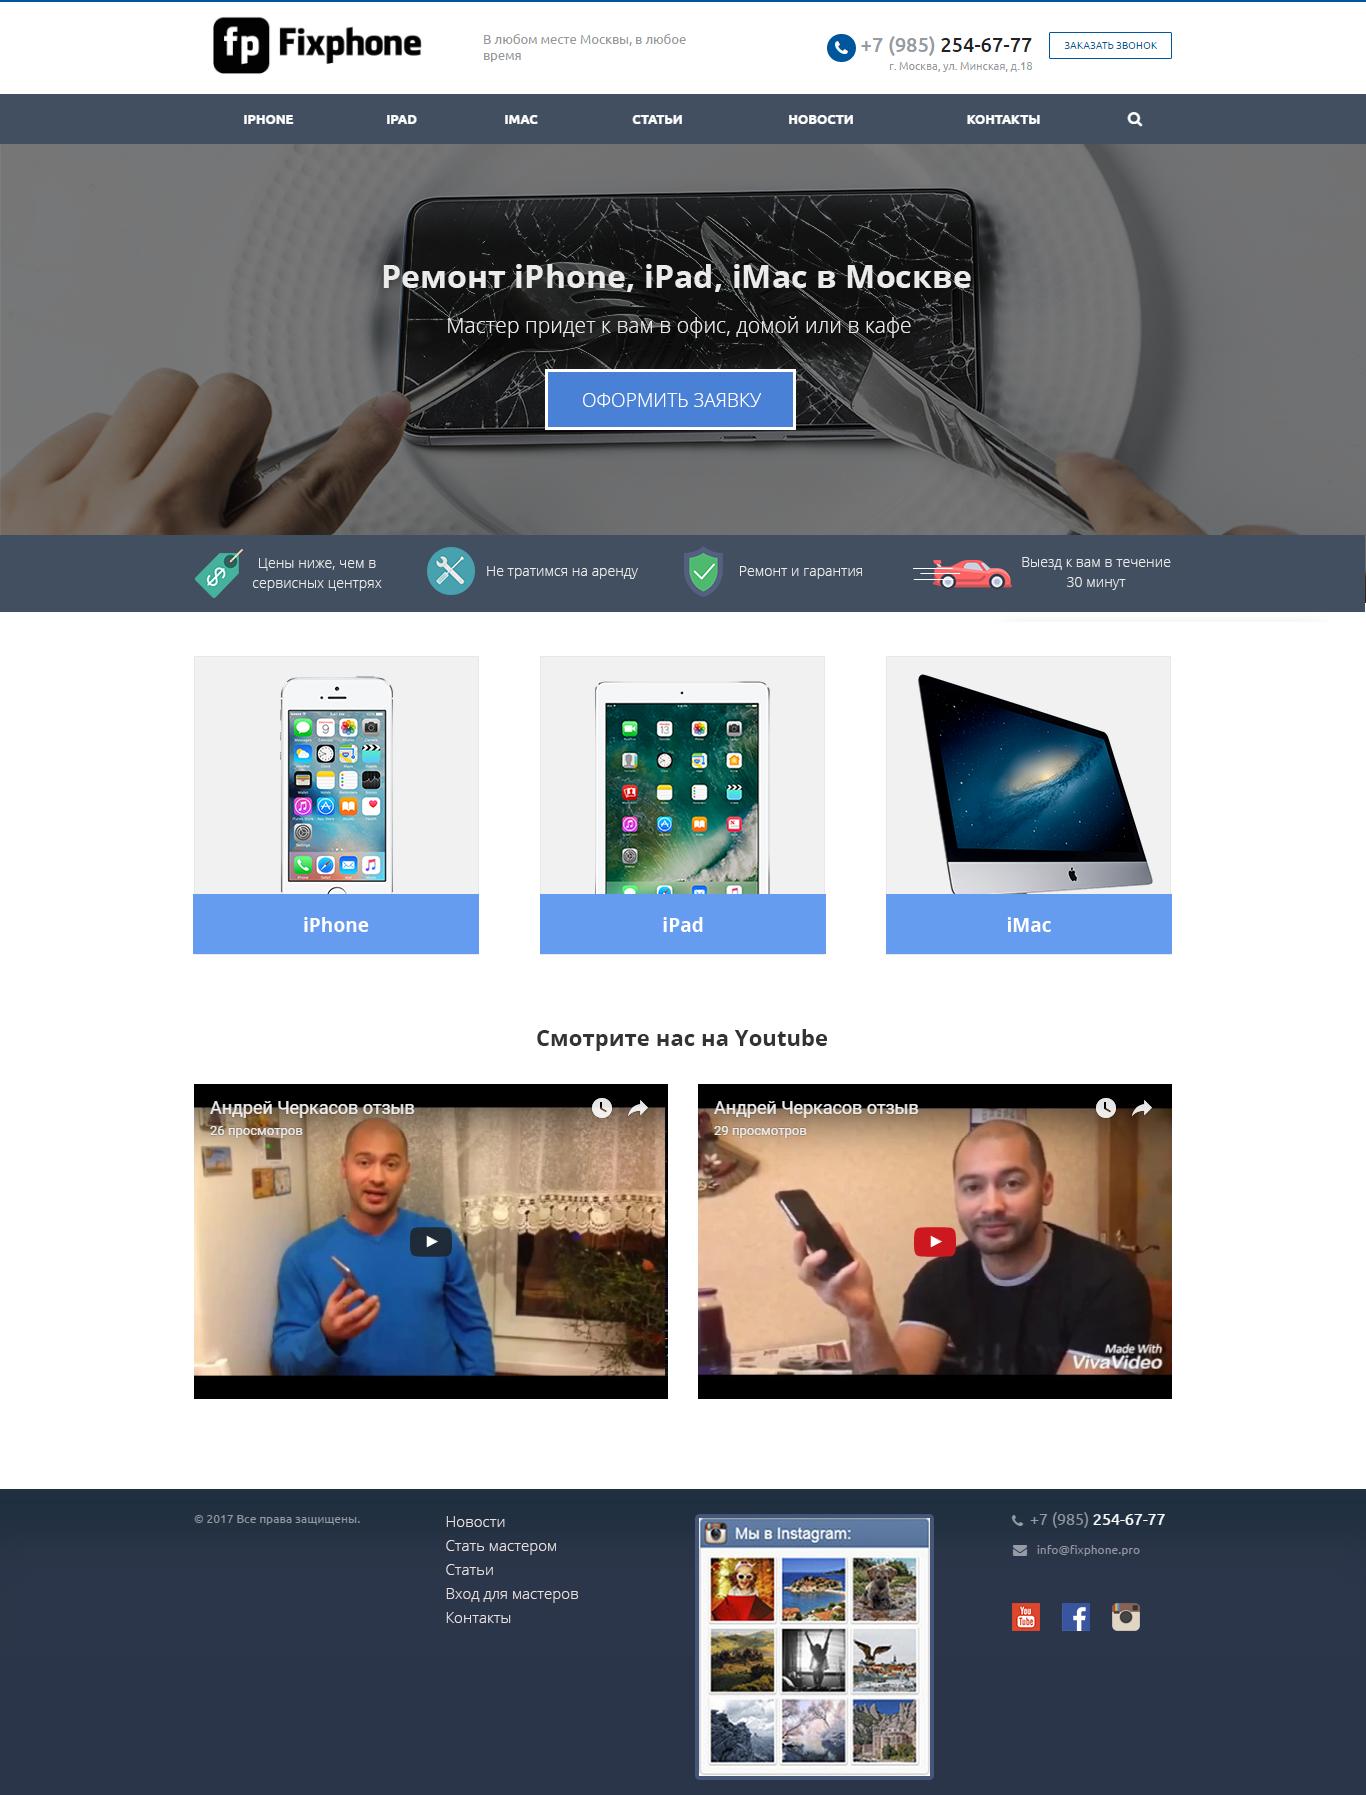 Дизайн сайта. Ремонт iPhone, iPad, iMac в Москве.